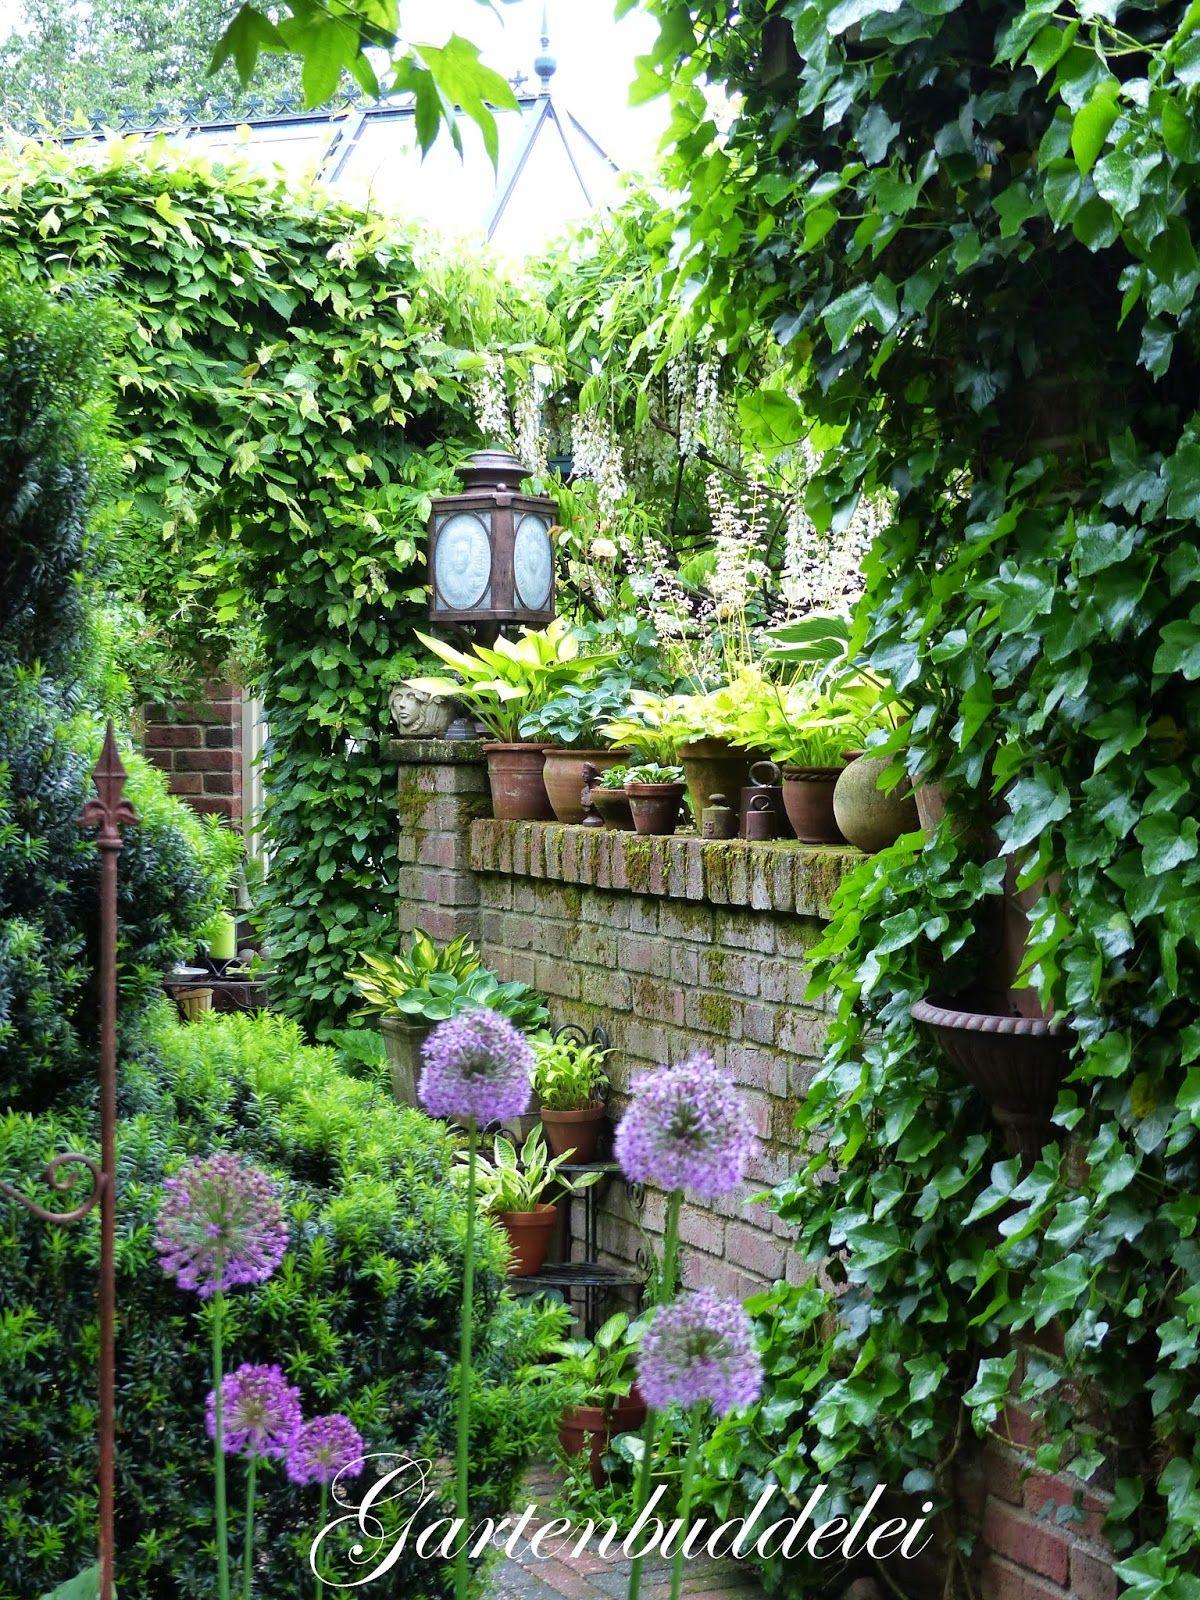 Gartenbuddelei 10jahriges Jubilaum Im Garten Picker Garten Vorgarten Ideen Naturgarten